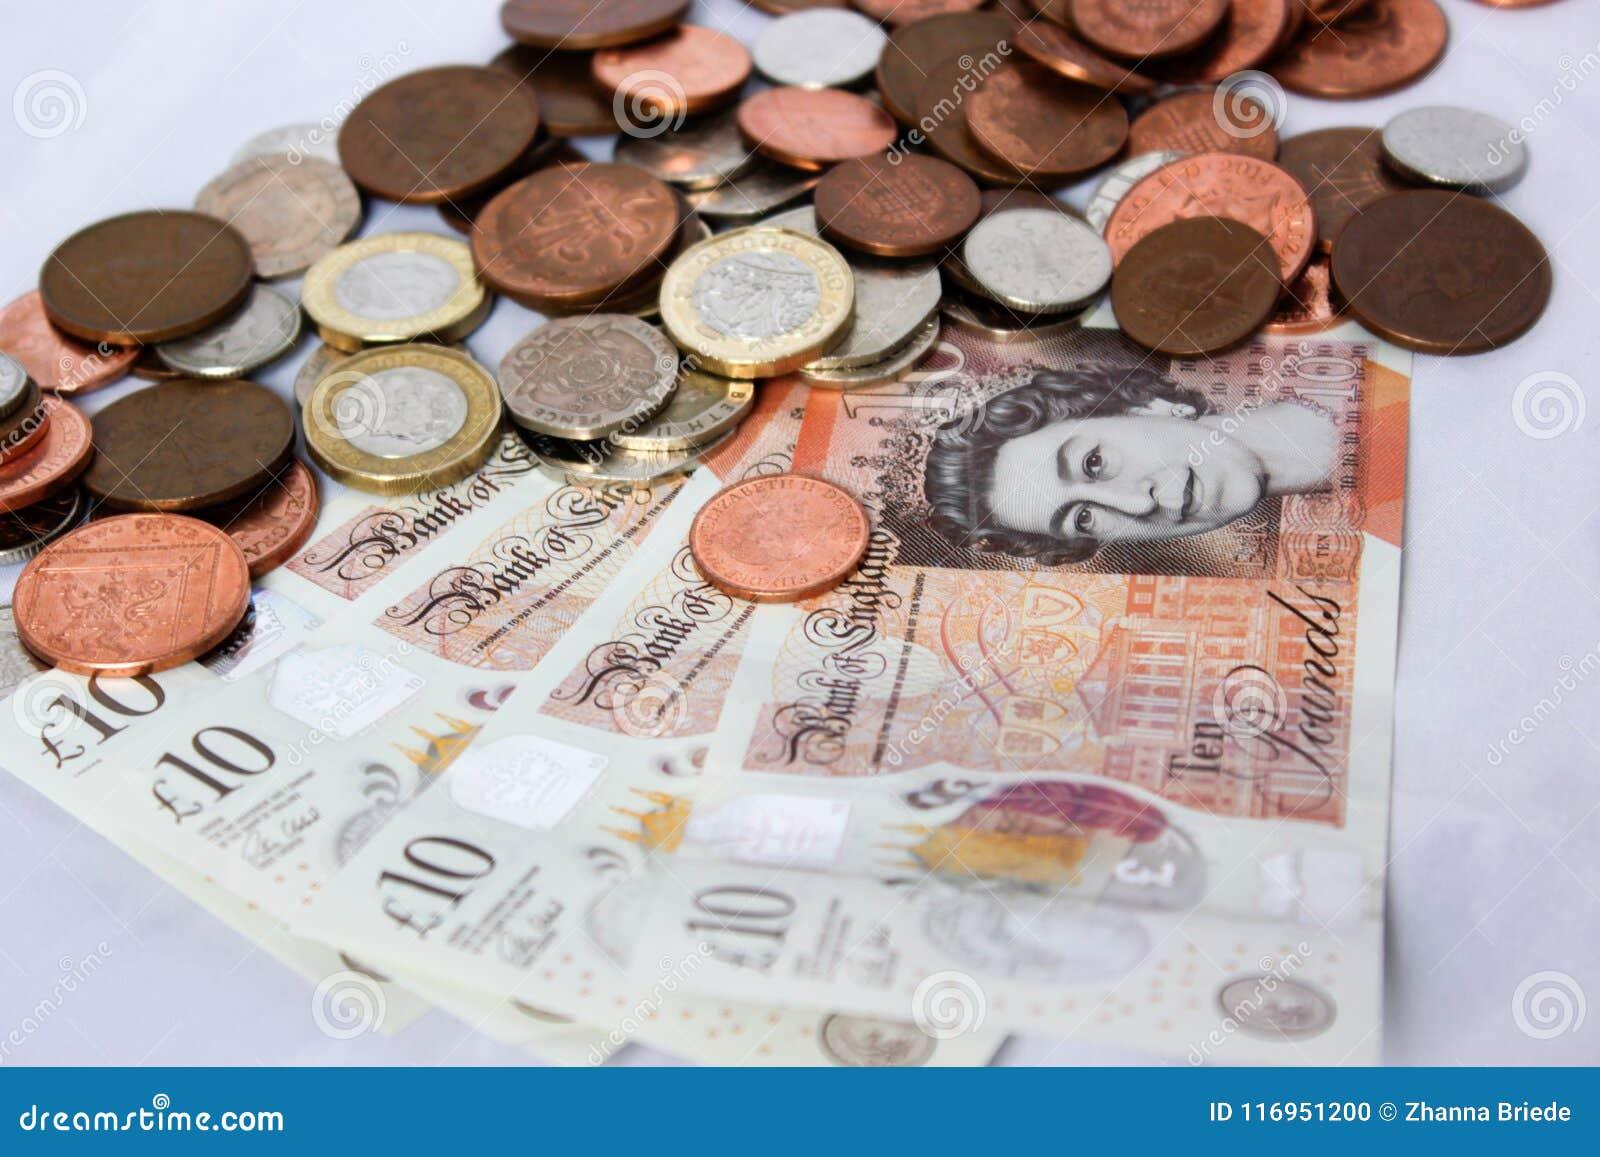 Englisches Geld Und Münzen Redaktionelles Bild Bild Von Englisch